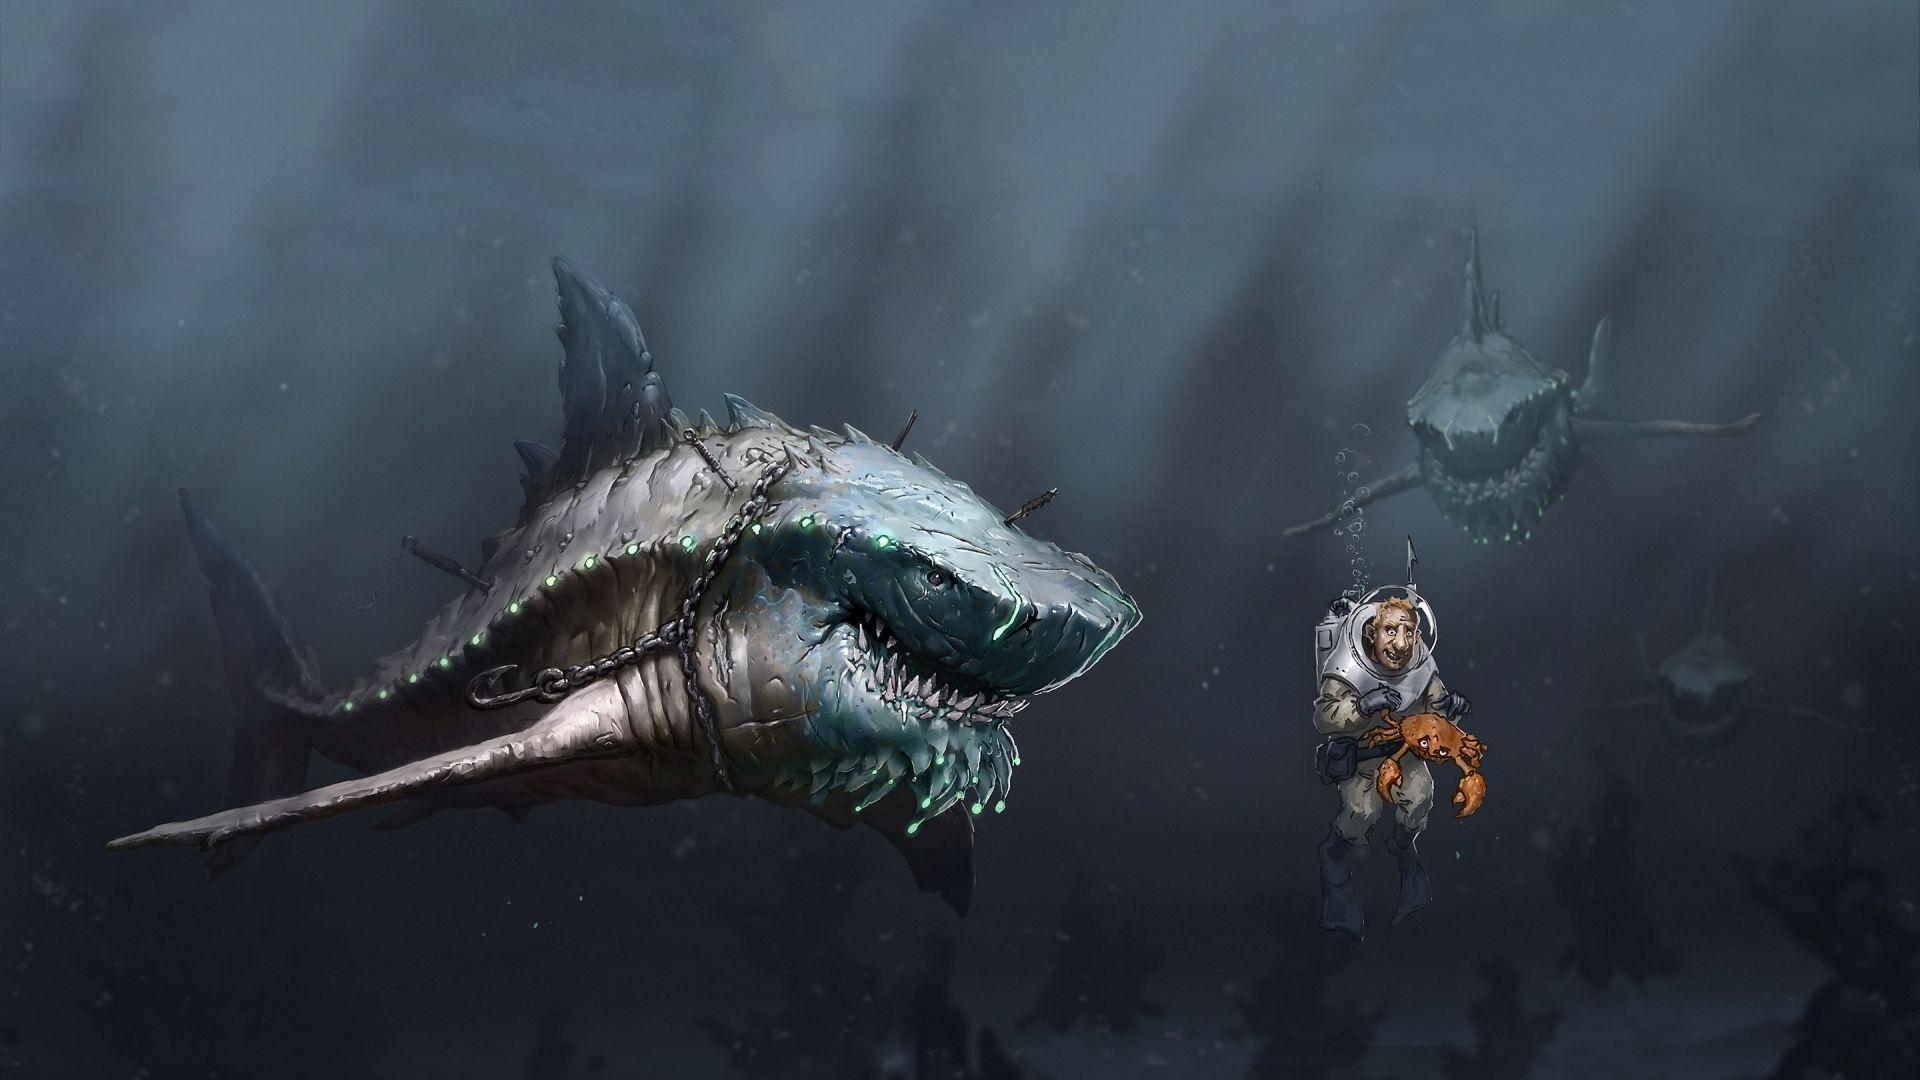 Wallpaper Digital art work of shark and man